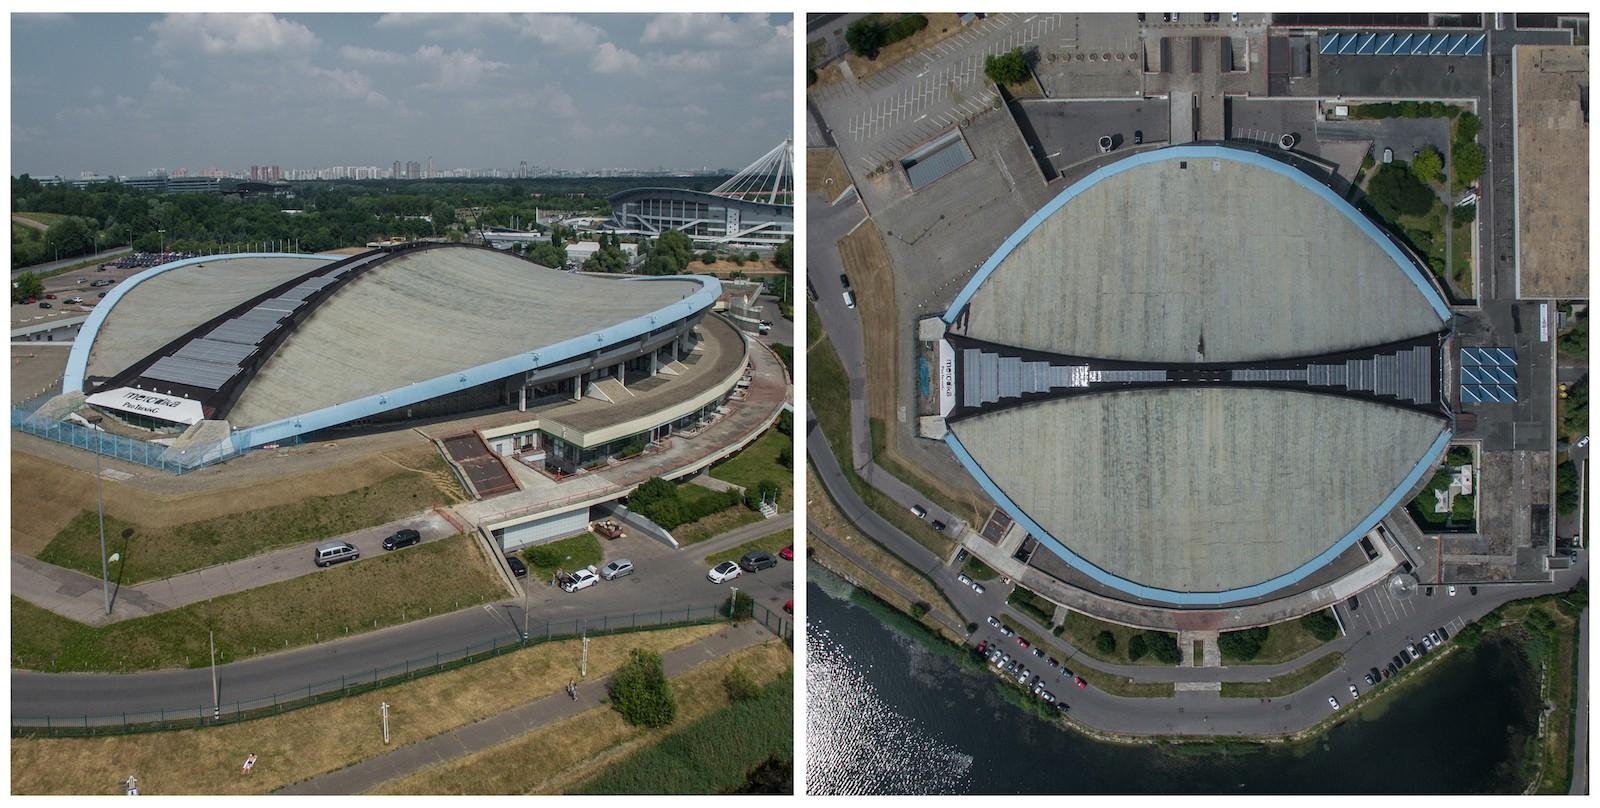 Как и «Дружба», велотрек «Крылатское» был построен к Олимпийским играм 1980 года. Сооружение возводи